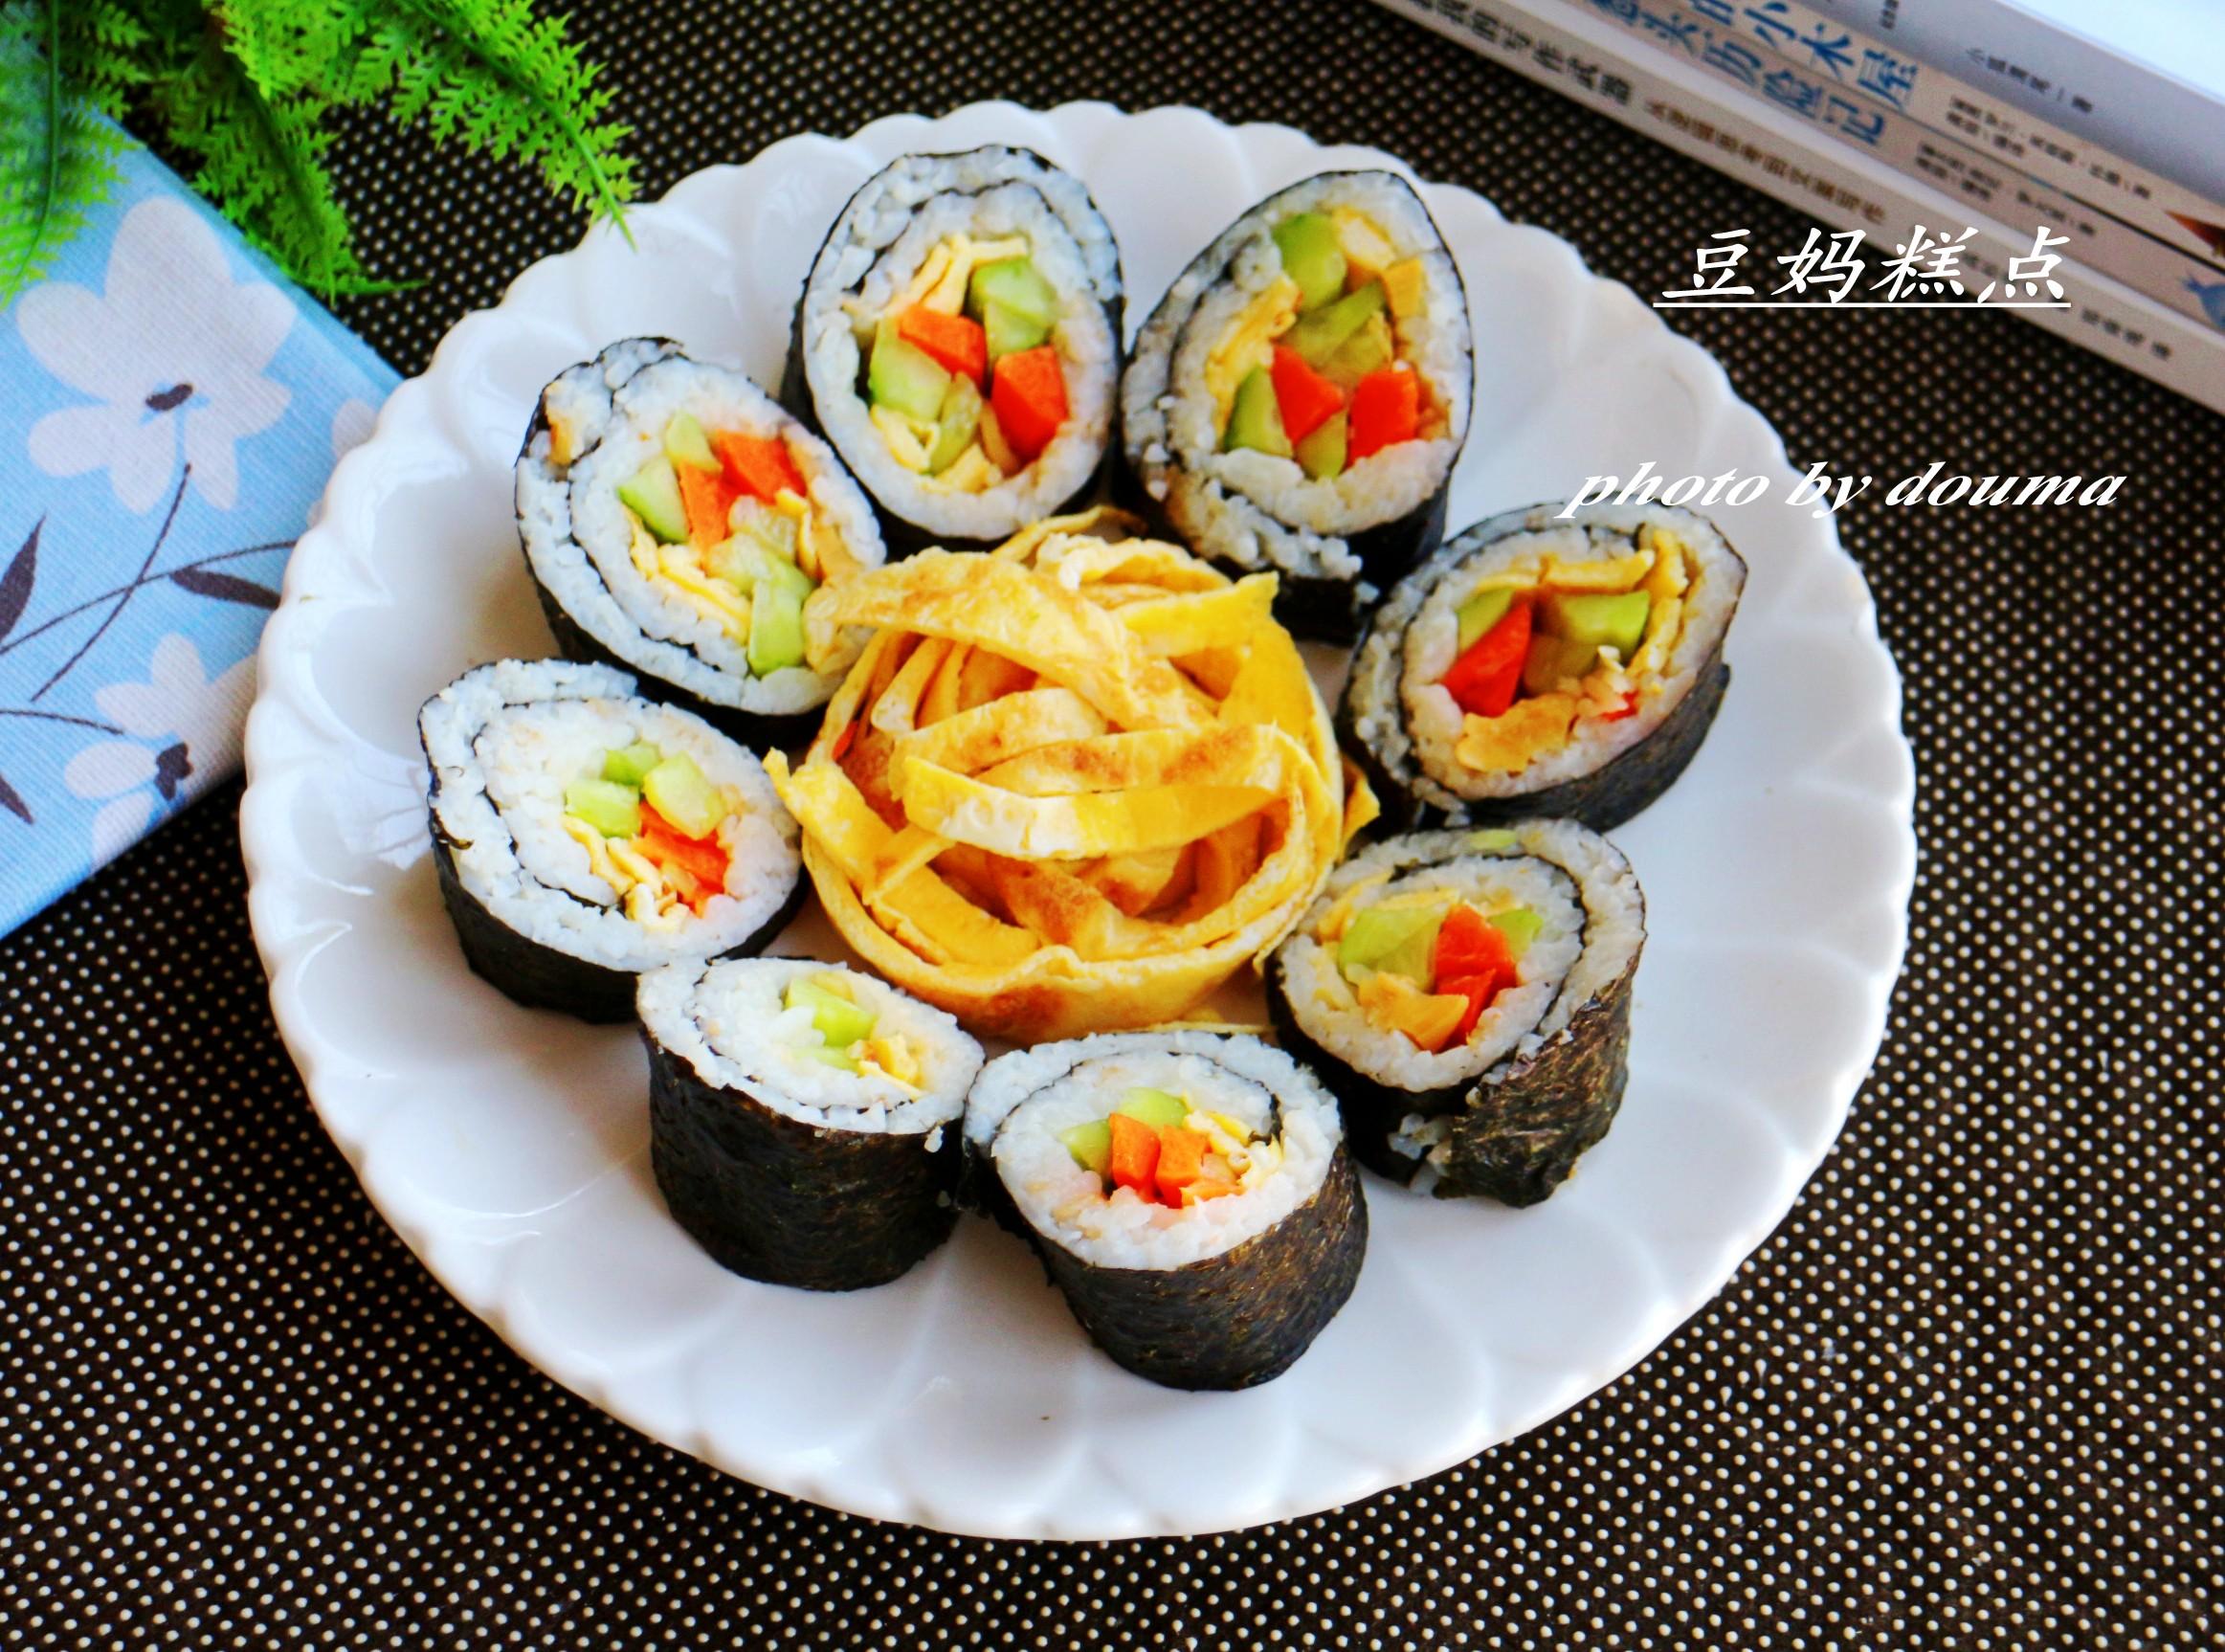 8道菜简单又好吃 美食做法 第9张